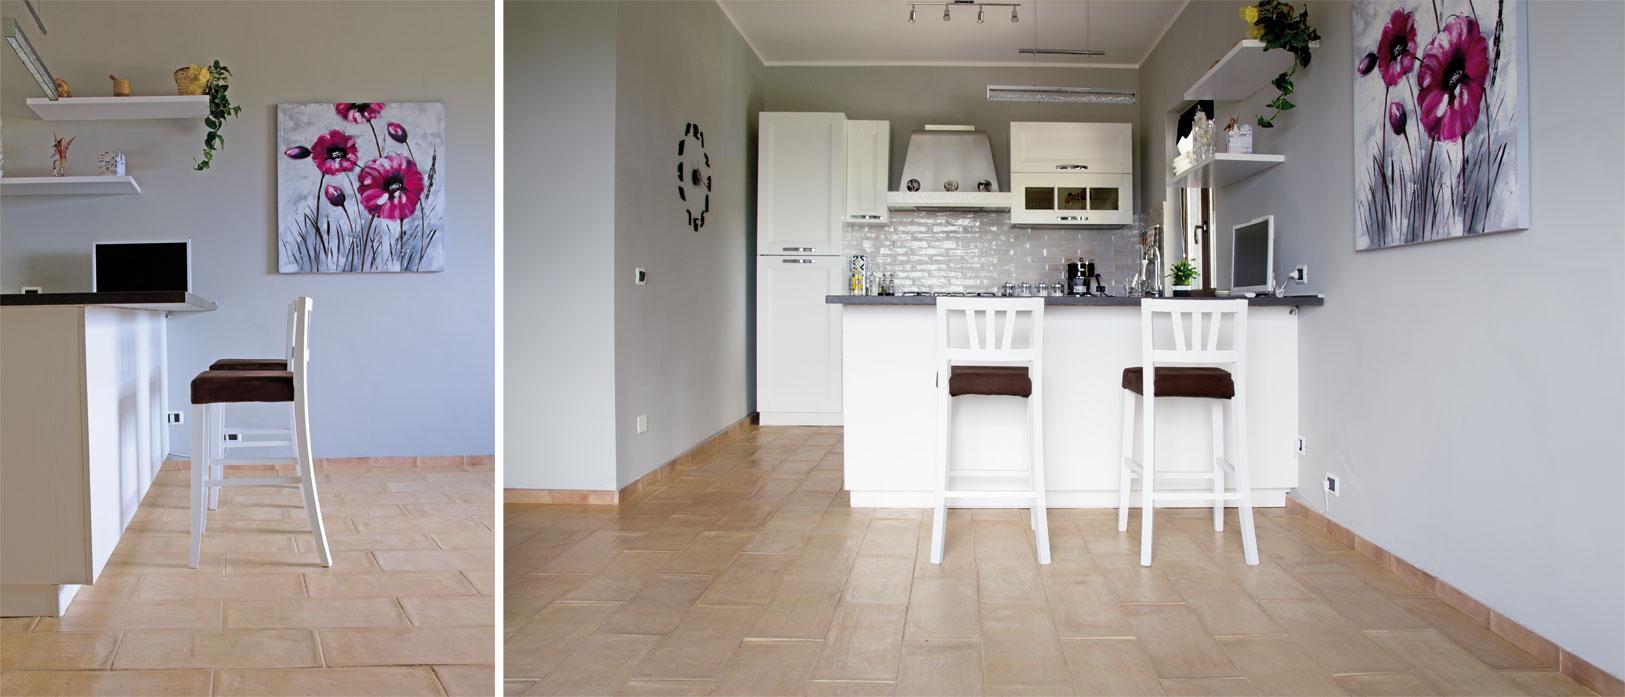 Cucina in cotto dai rivestimenti ai pavimenti ecco - Pavimento per cucina ...